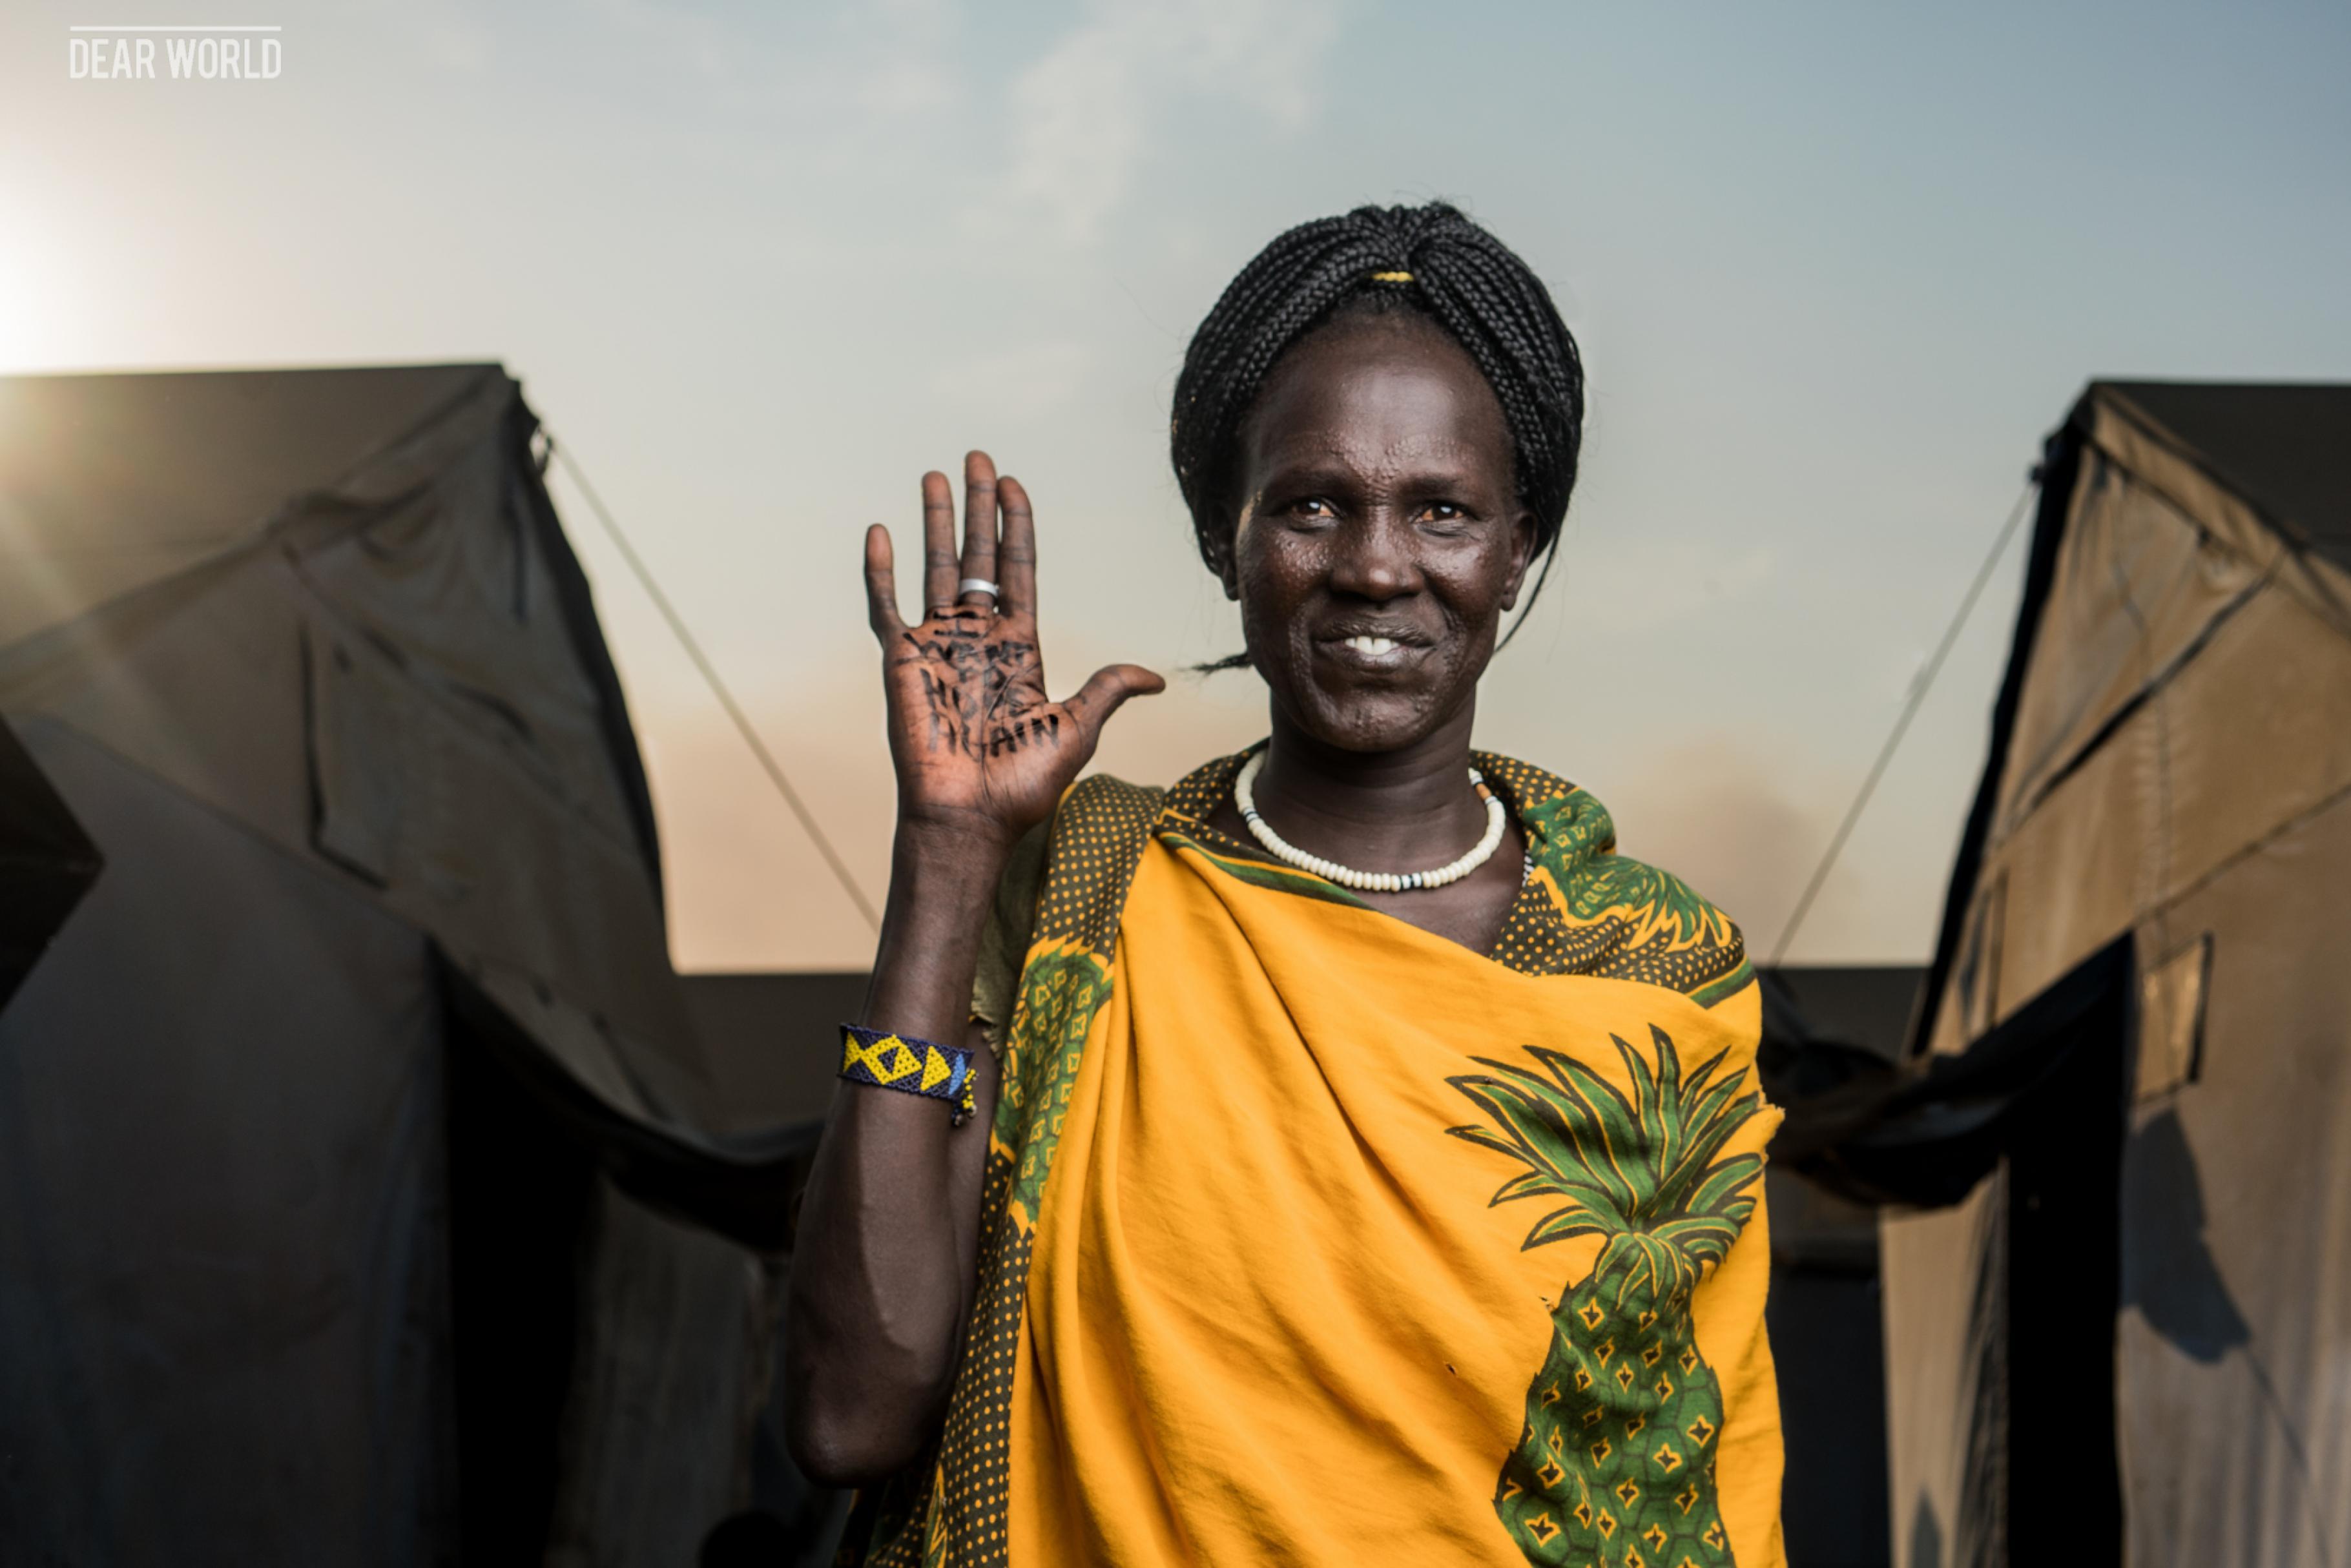 EIne Frau vor dem Hintergrund von zwei Zelten hält ihre Handfläche in die Kamera. Auf der Handfläche ist zu lesen I want to hope again.